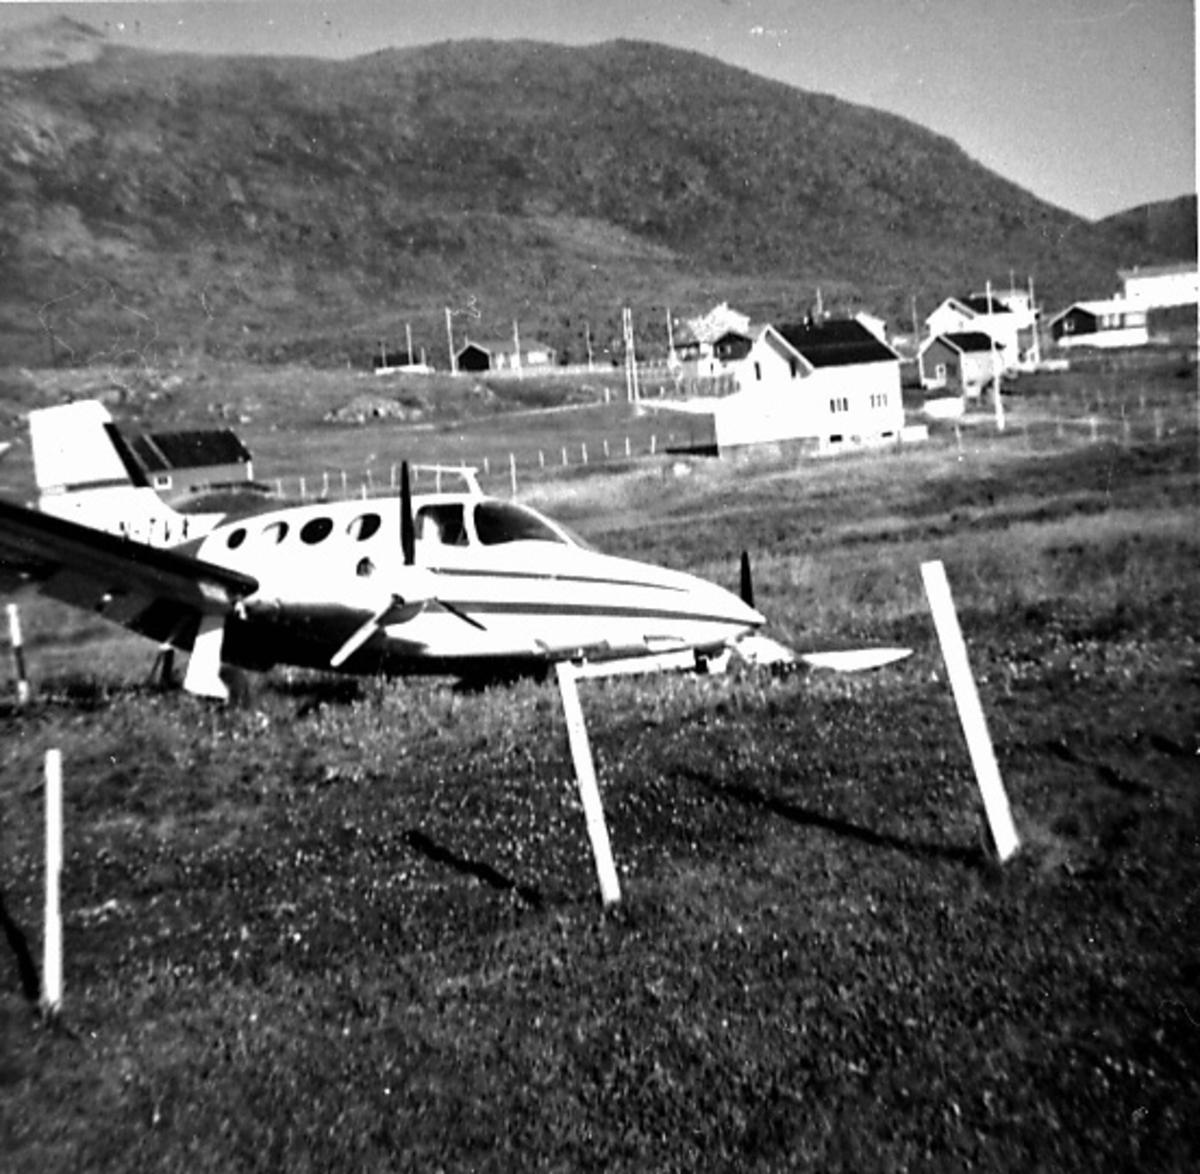 """Fly, Cessna 401A, LN-TVX. Skrått forfra. """"Ligger"""" ute på et jorde. Ene vingen nede i bakken. Bygninger bak."""